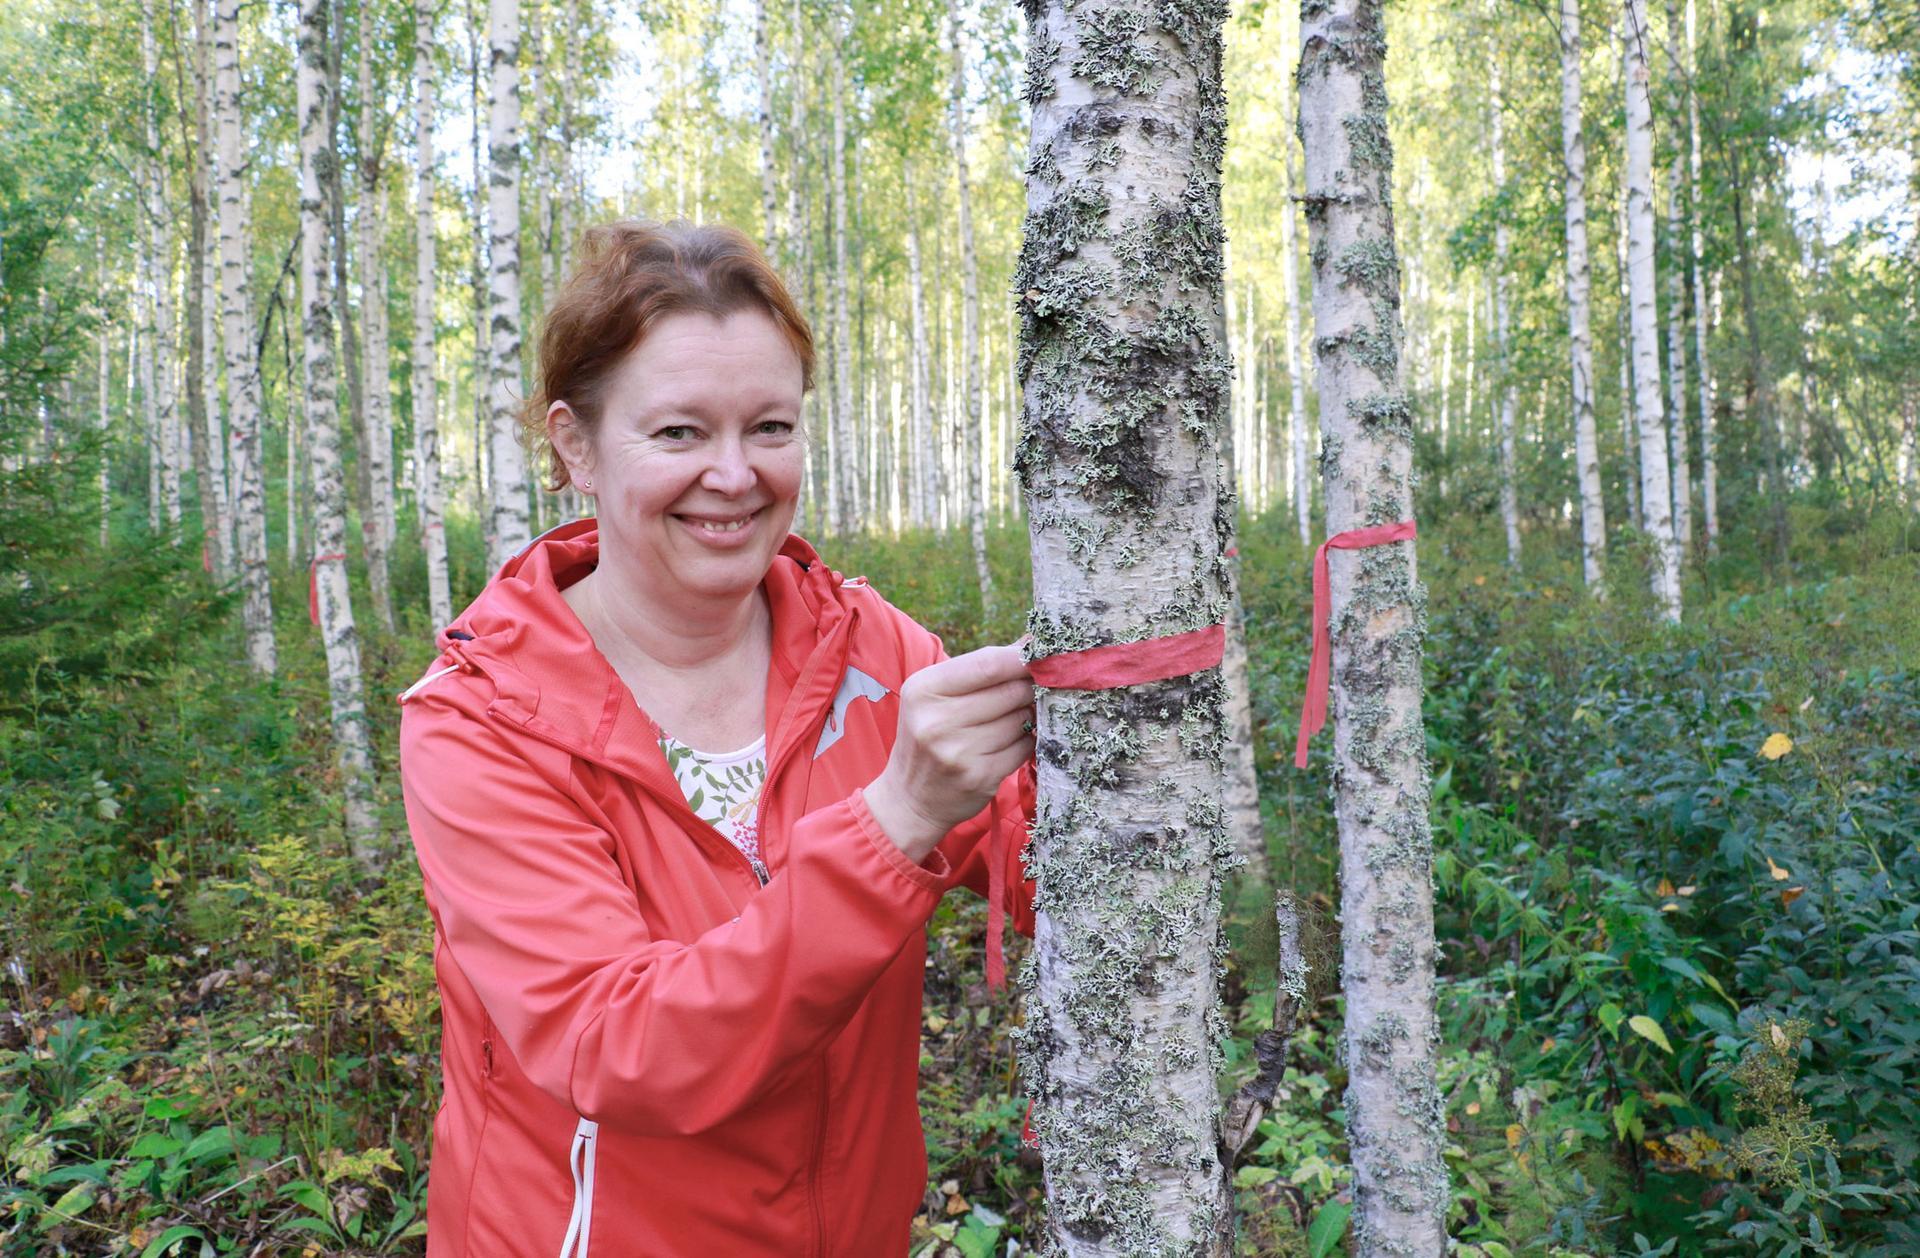 Outi Pettersson kiinnostui pakurikääpien kasvattamisesta vuosi sitten. Viljelmästä tuli totta muutama viikko sitten. Punaiset merkkinauhat kertovat, mitkä rungot on valjastettu kääpien kasvualustoiksi.